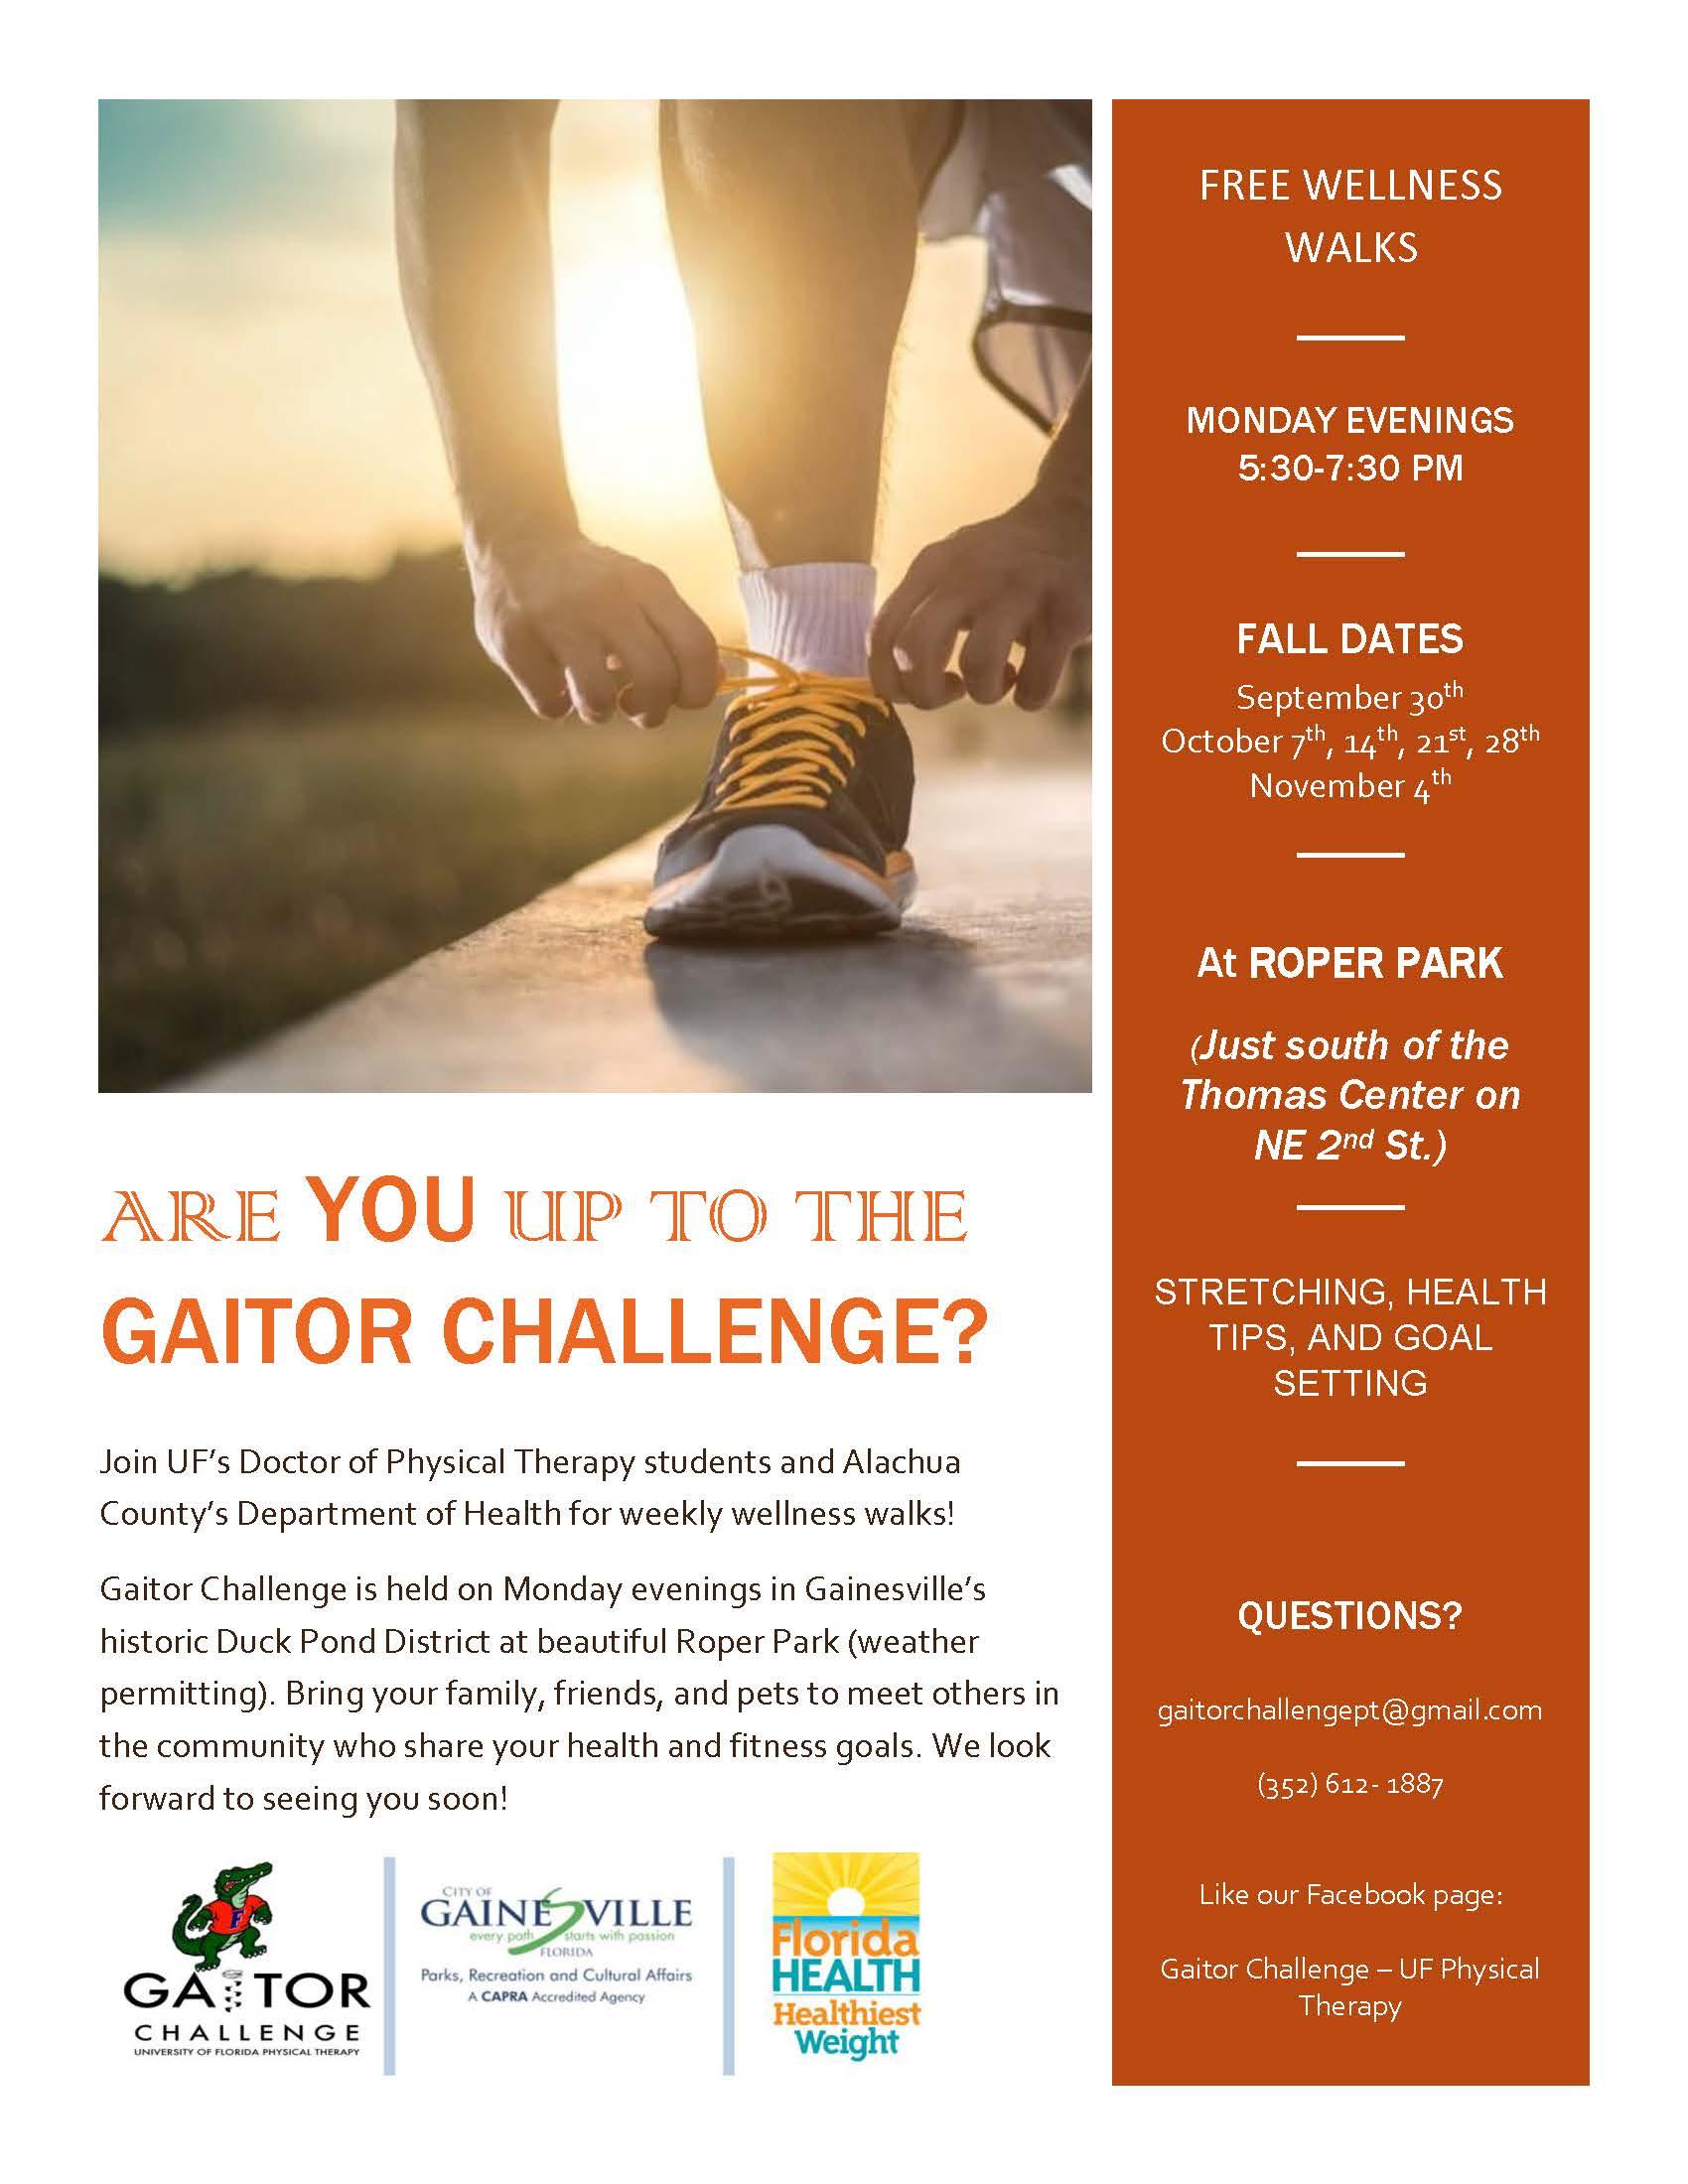 Gaitor Challenge - wellness walks flyer